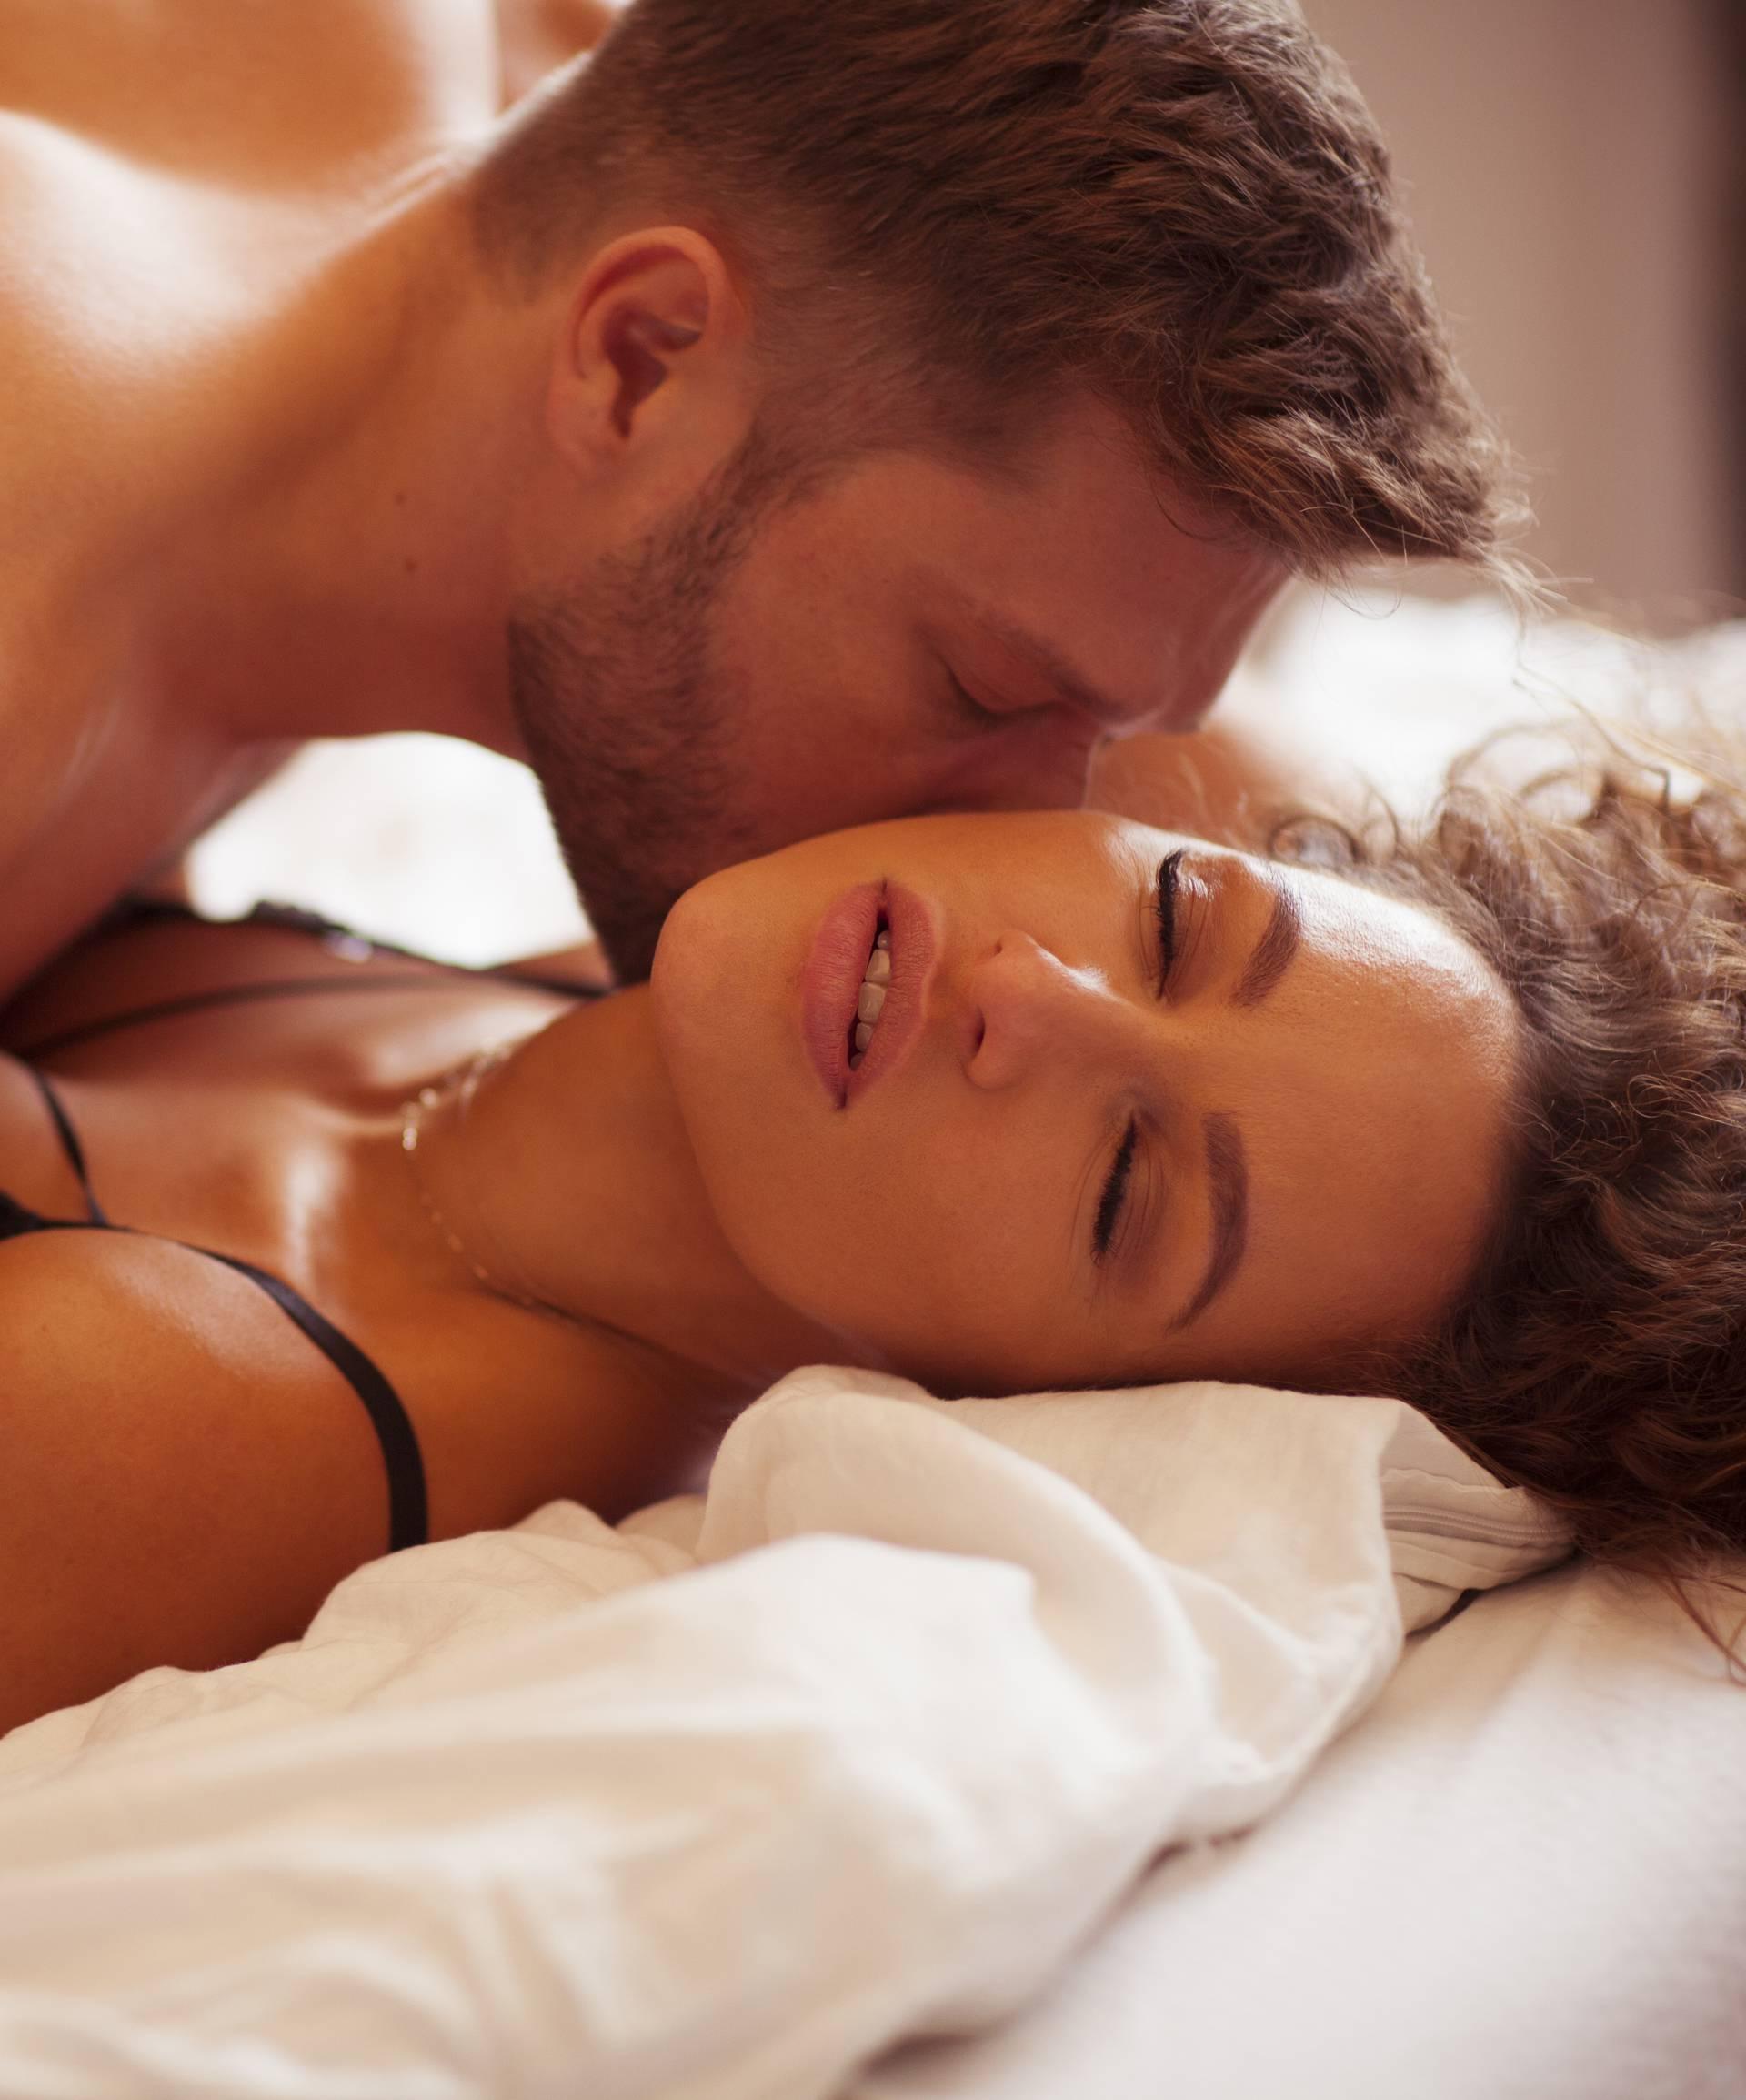 Top šest seks poza kojima ćete lako smanjiti stres i tjeskobu